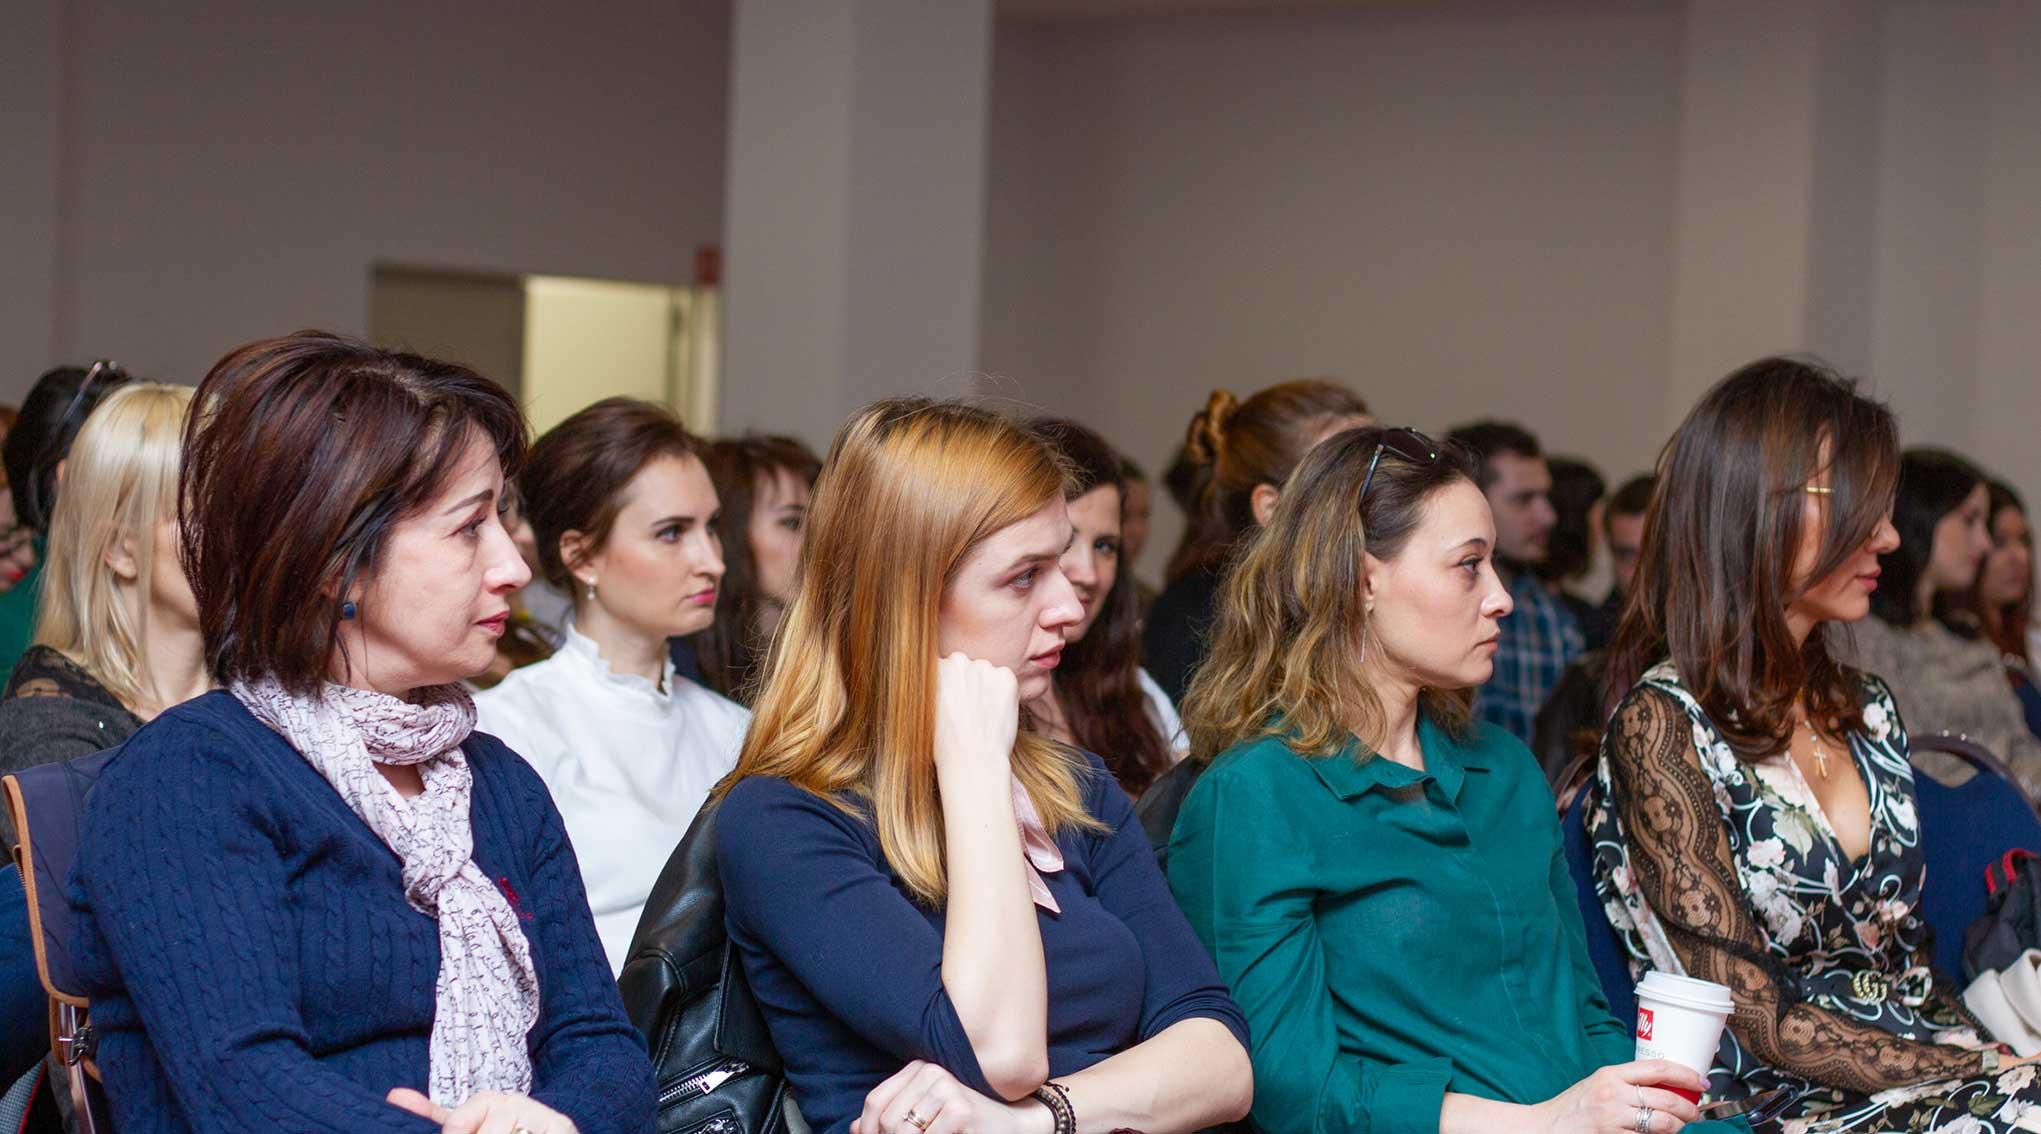 workshop-uri-demonstratii-si-conferinte-marca-atelierele-ilbah-pe-parcursul-a-4-zile-in-cadrul-romexpo-85